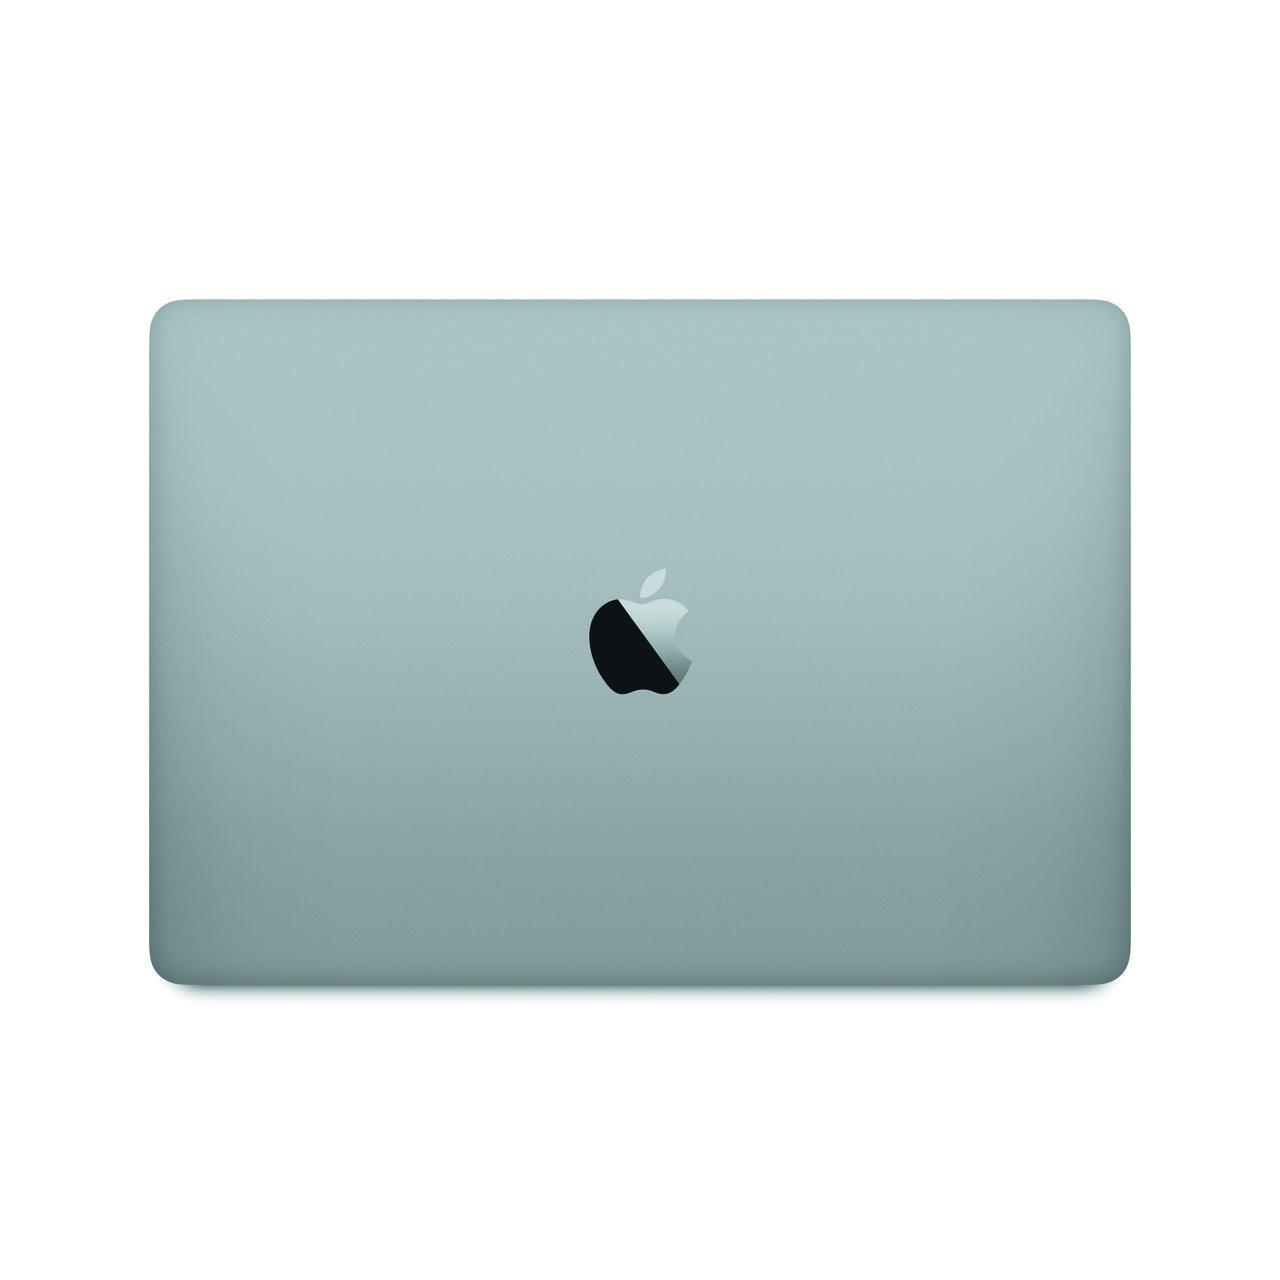 Flexgate: Apple repariert defekte MacBook Pro-Bildschirme jetzt kostenlos